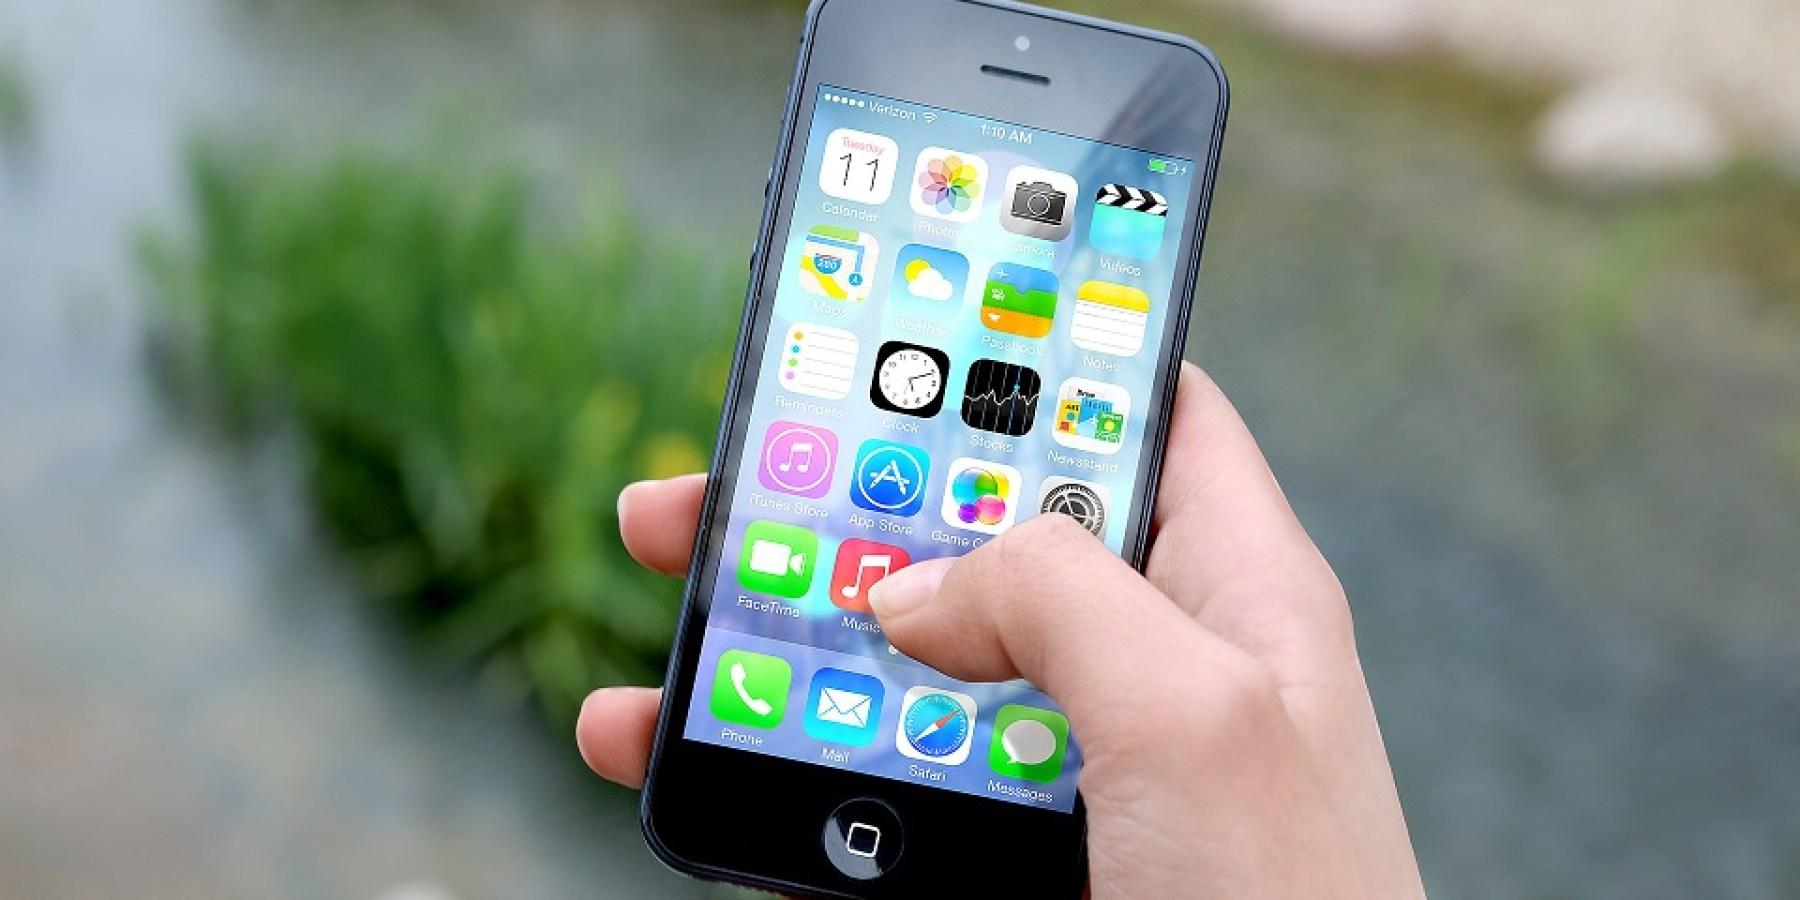 Gestohlenes Handy dabei – Autoaufbrecher wird entlarvt